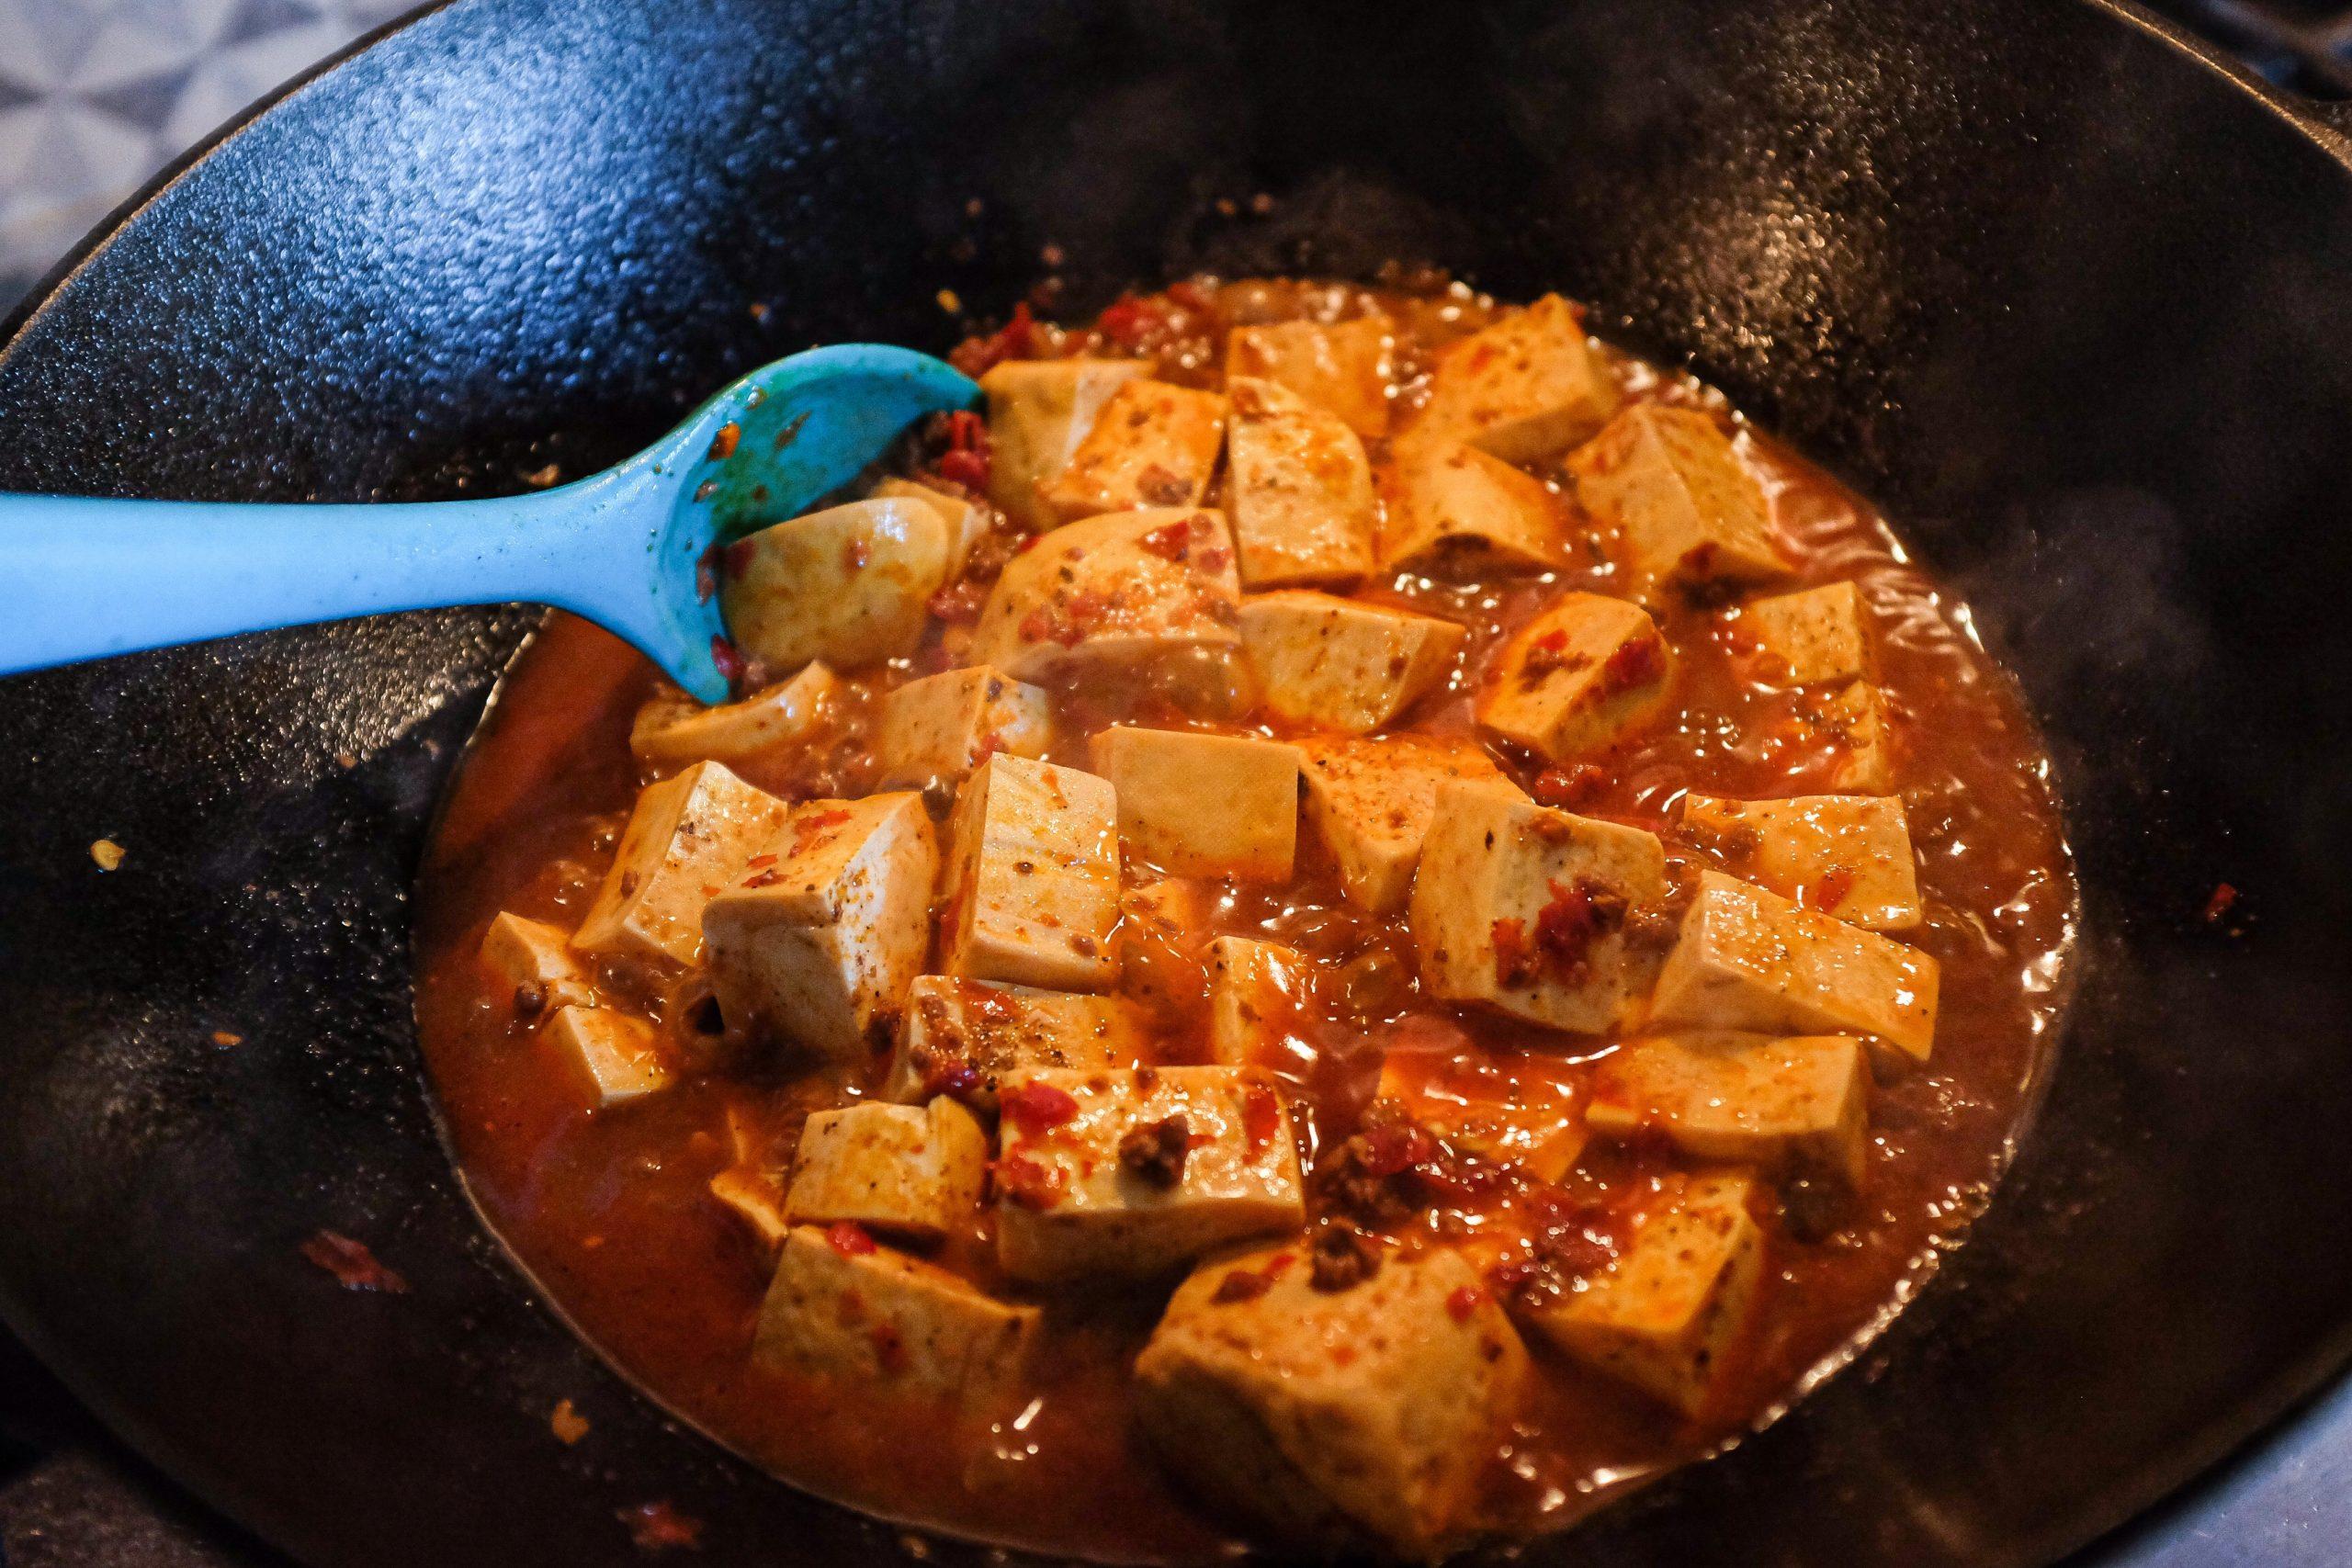 Aggiusta la posizione del tofu gentilmente facendo in modo che ogni dado sia ben immerso nell'acqua.